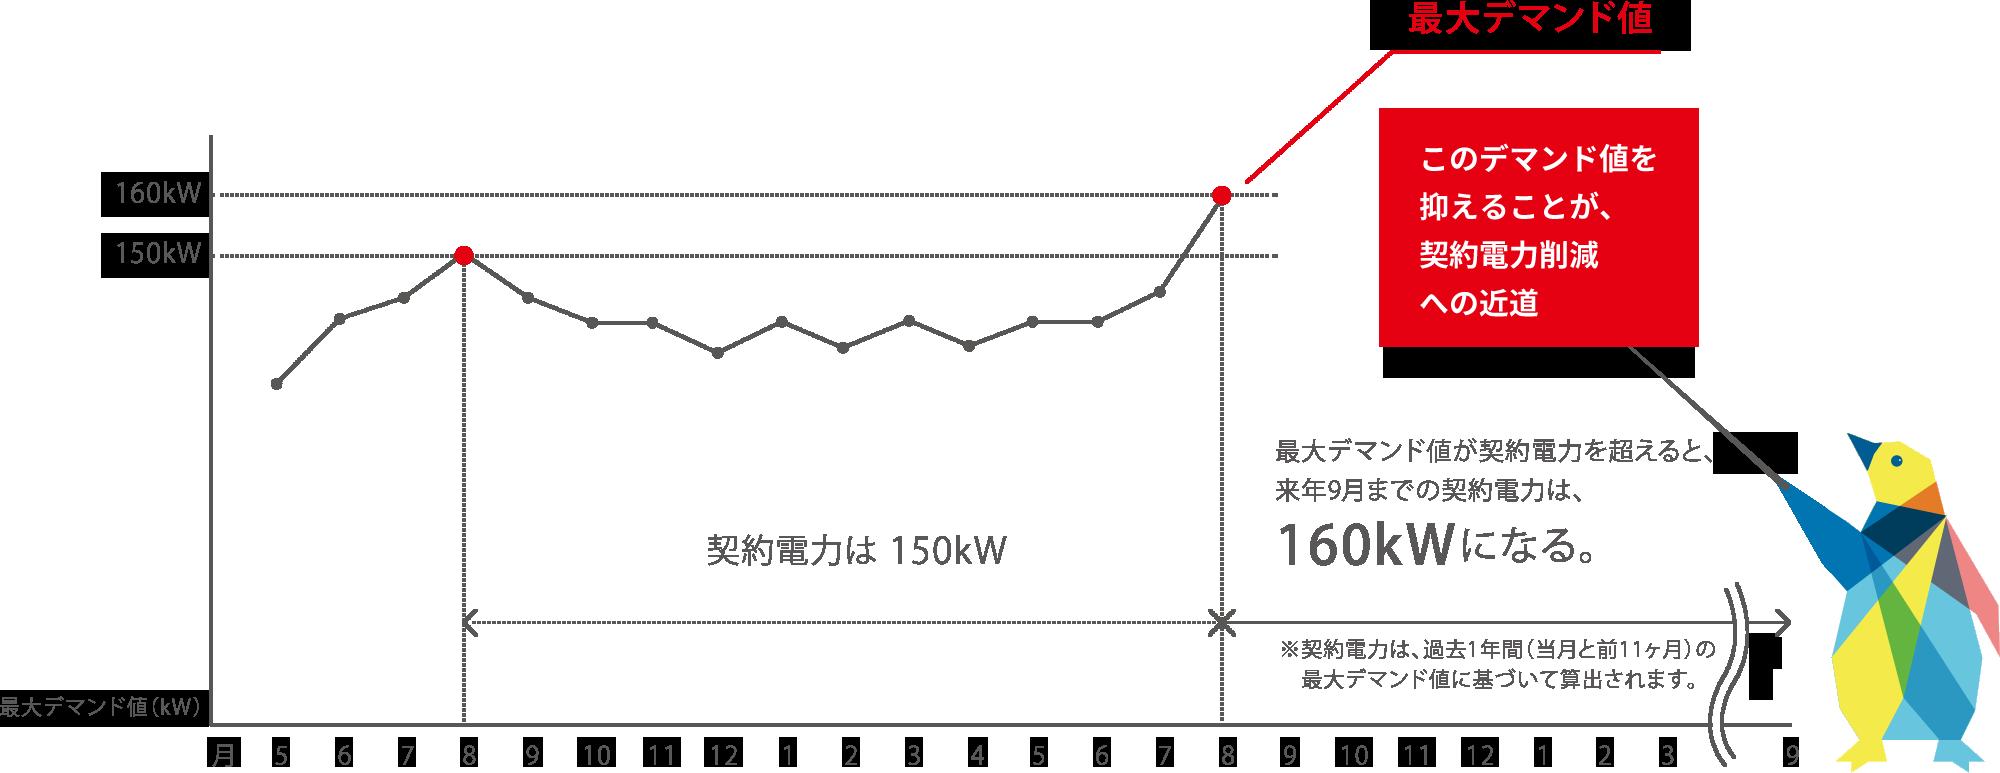 このデマンド値を抑えることが、契約電力削減への近道